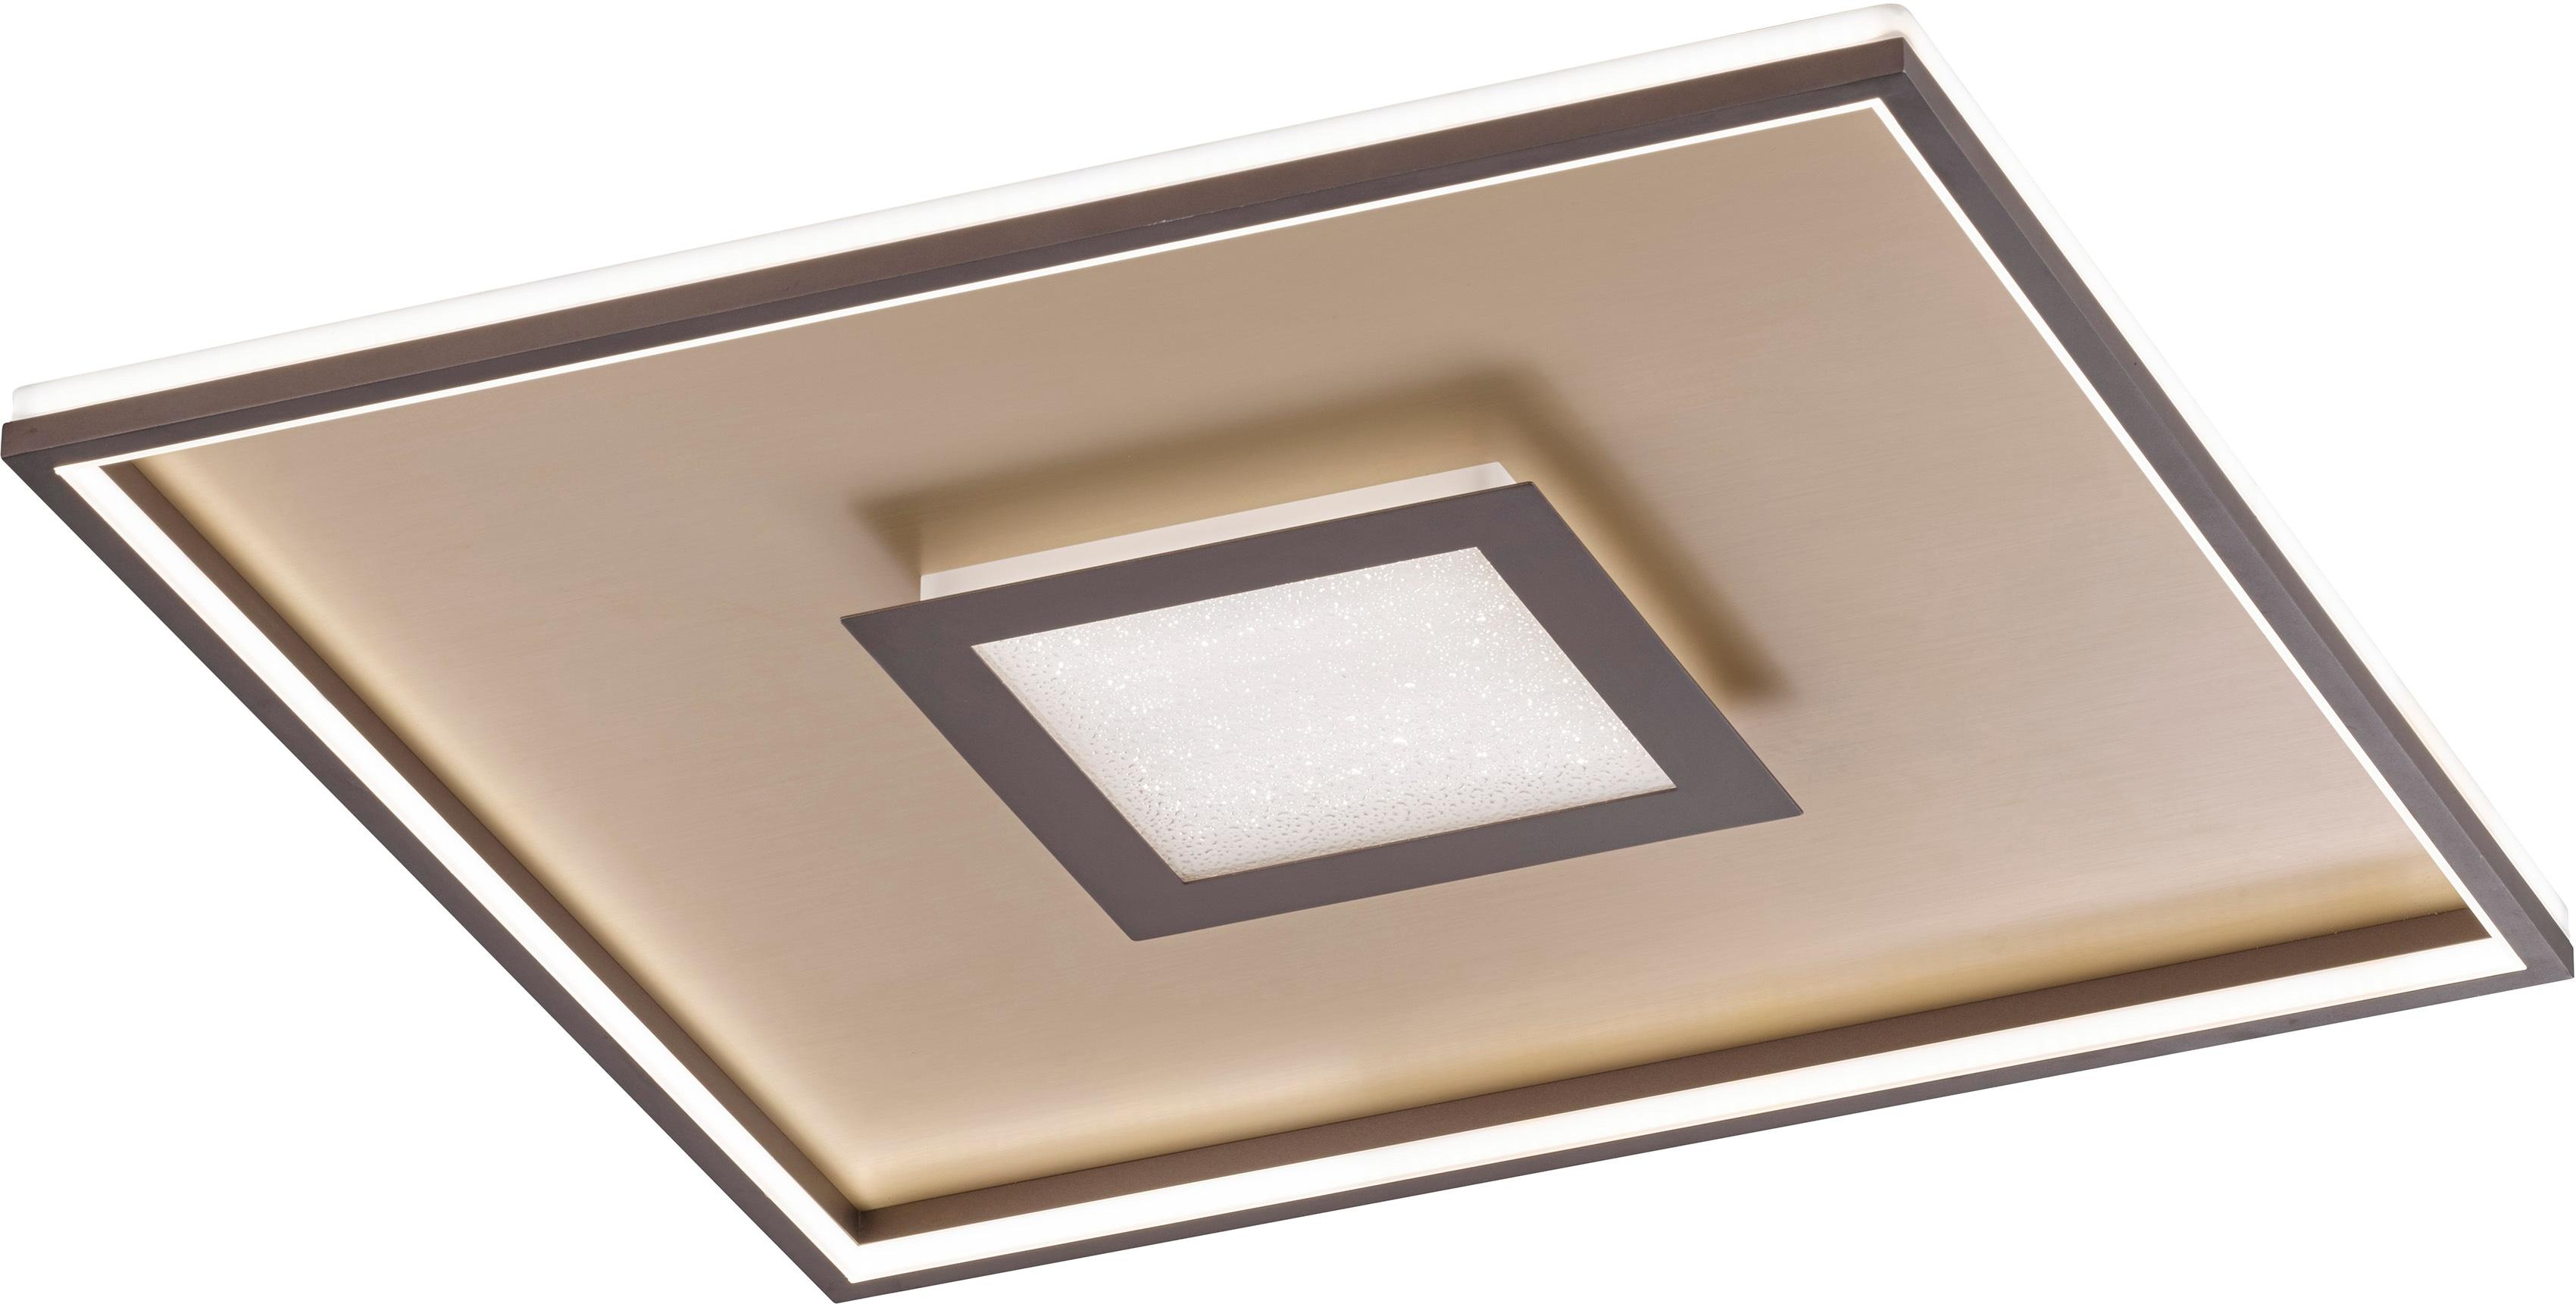 FISCHER & HONSEL LED Deckenleuchte Bug, LED-Board, 1 St., LED Deckenlampe